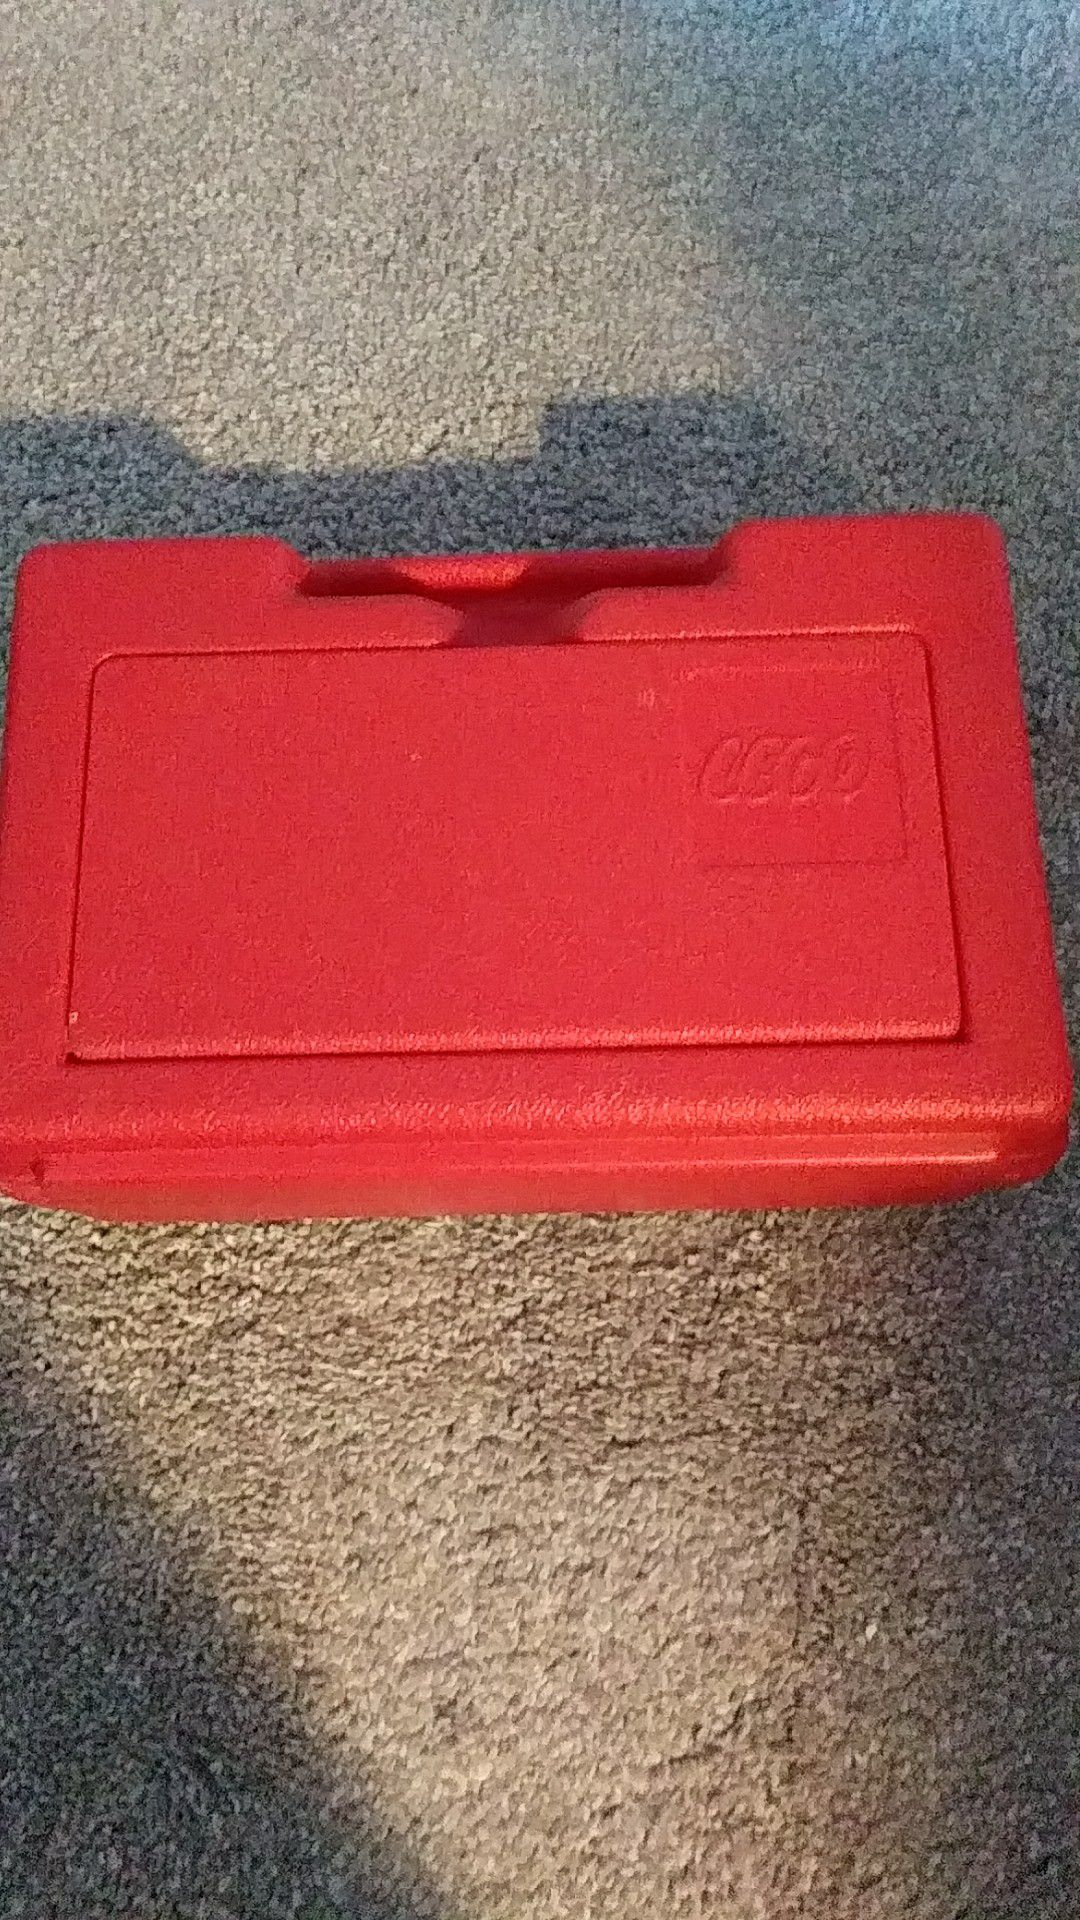 Empty Lego Case